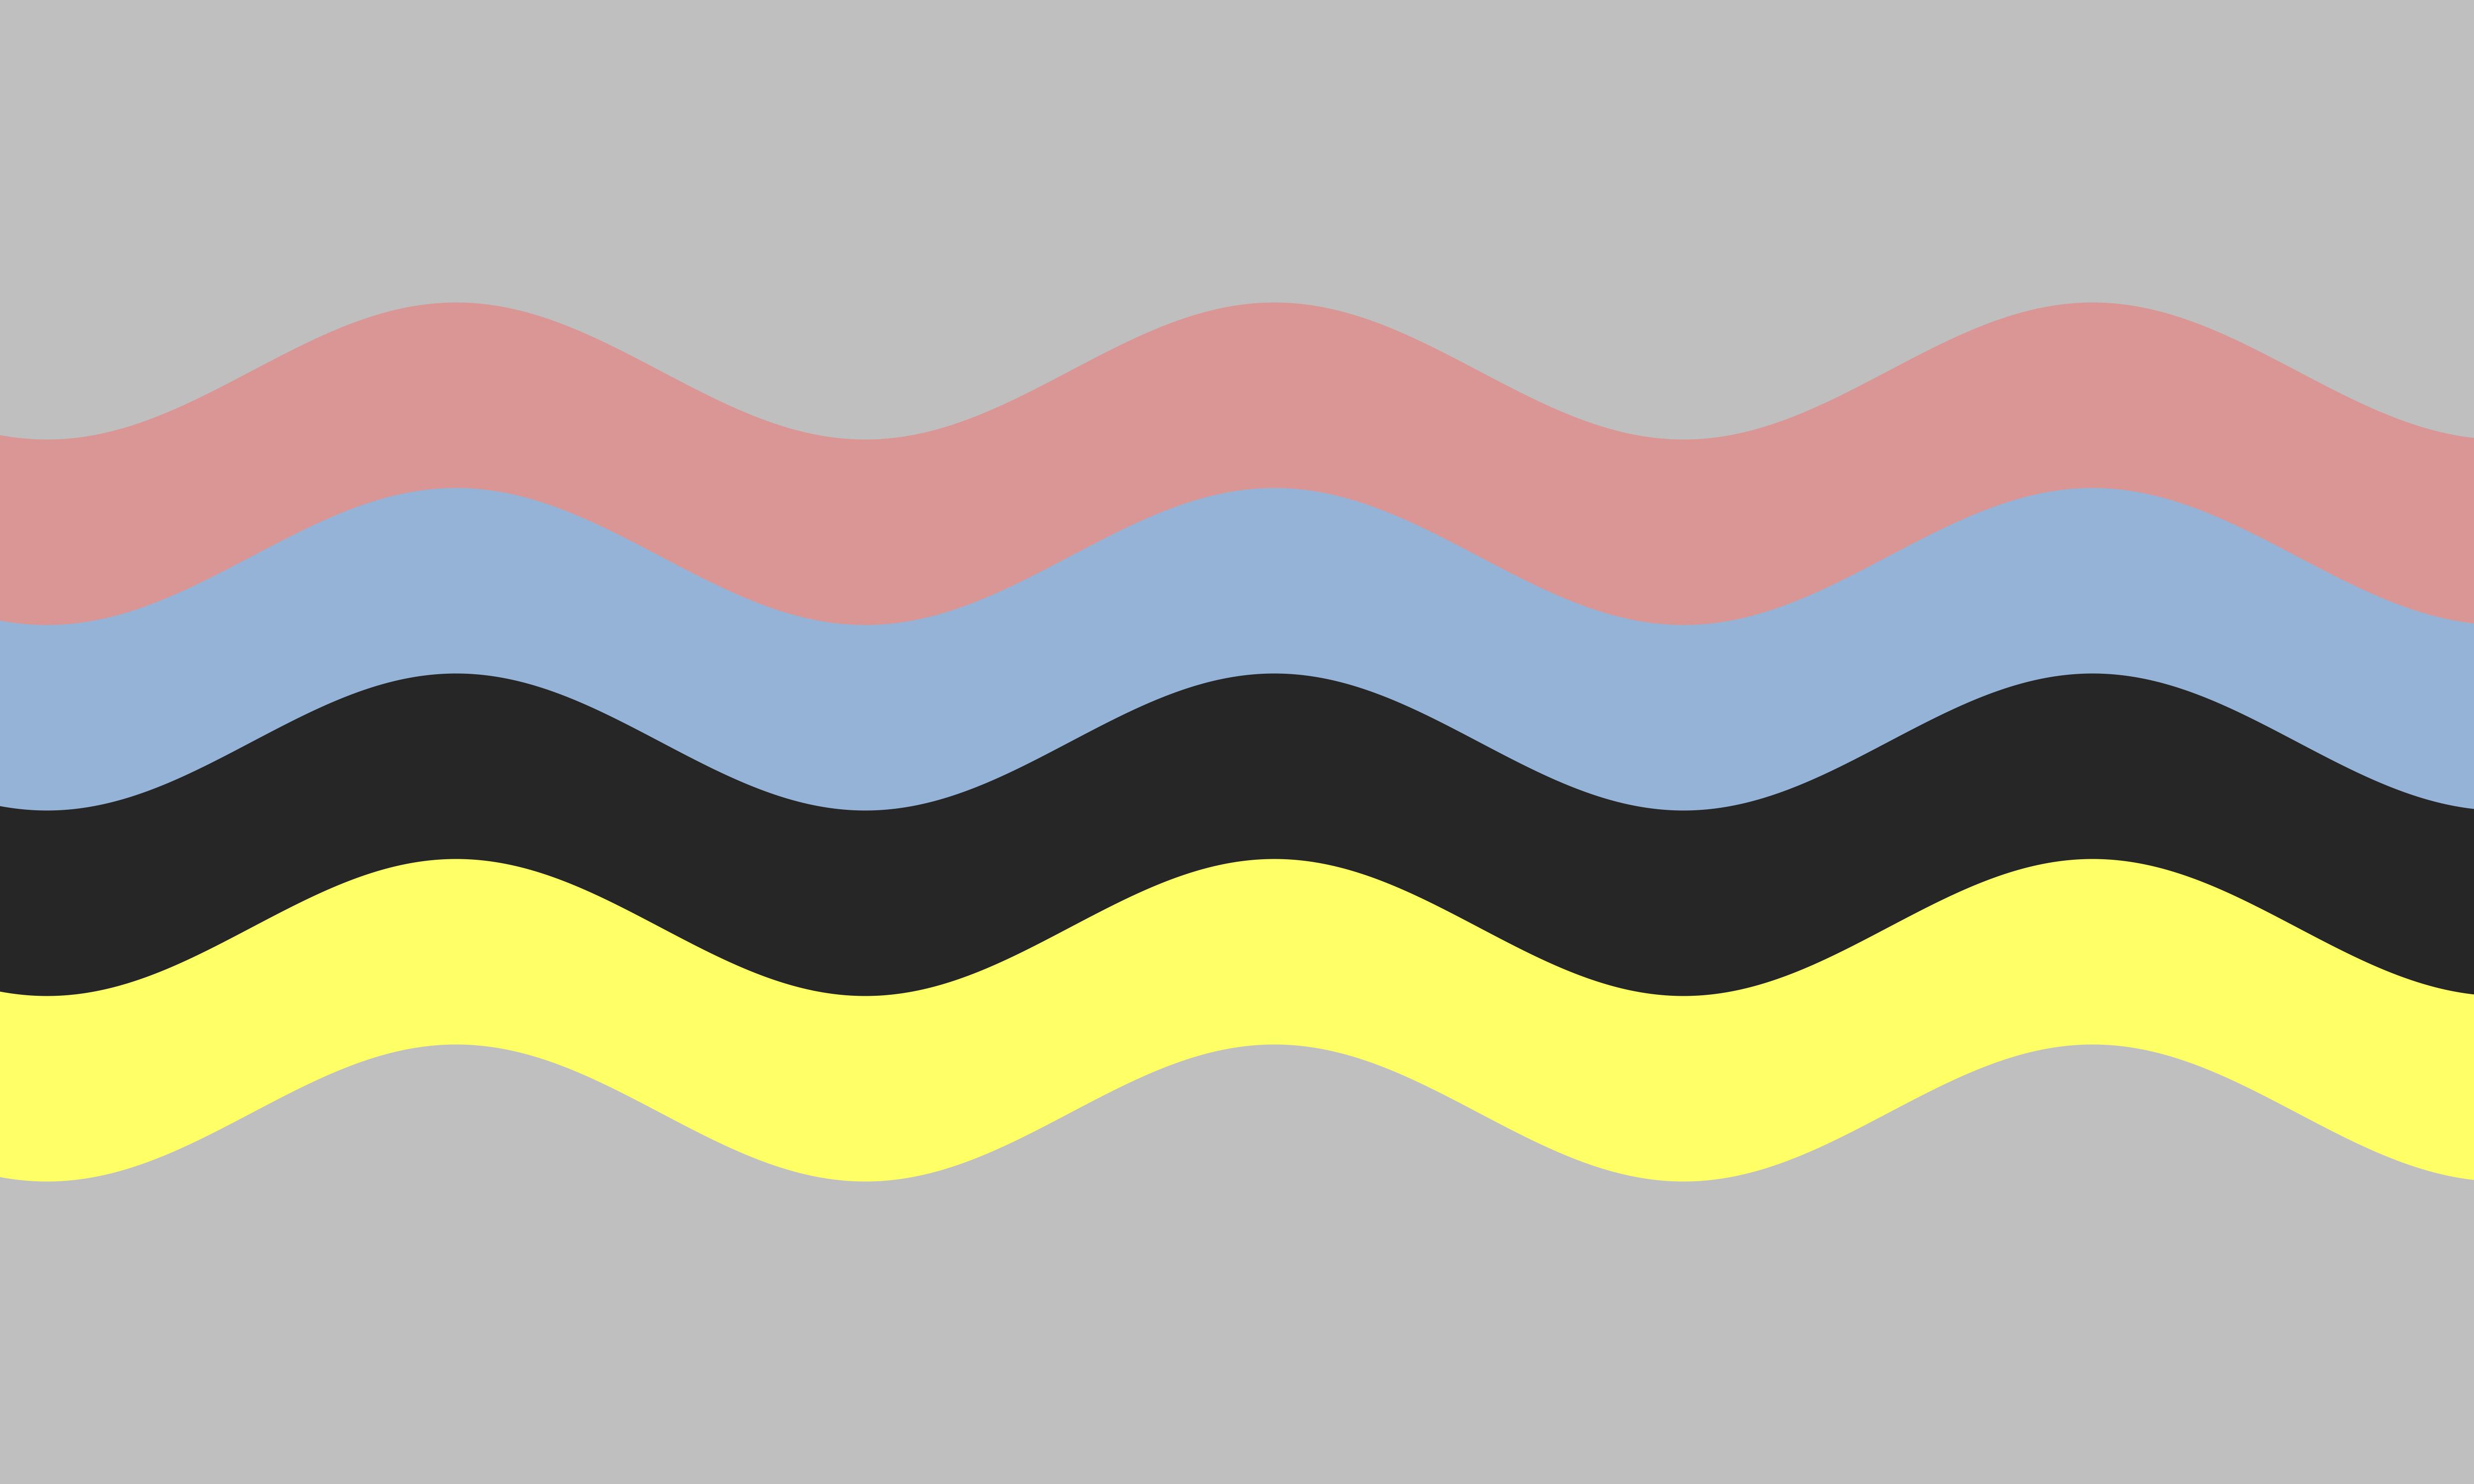 Elissogender by Pride-Flags